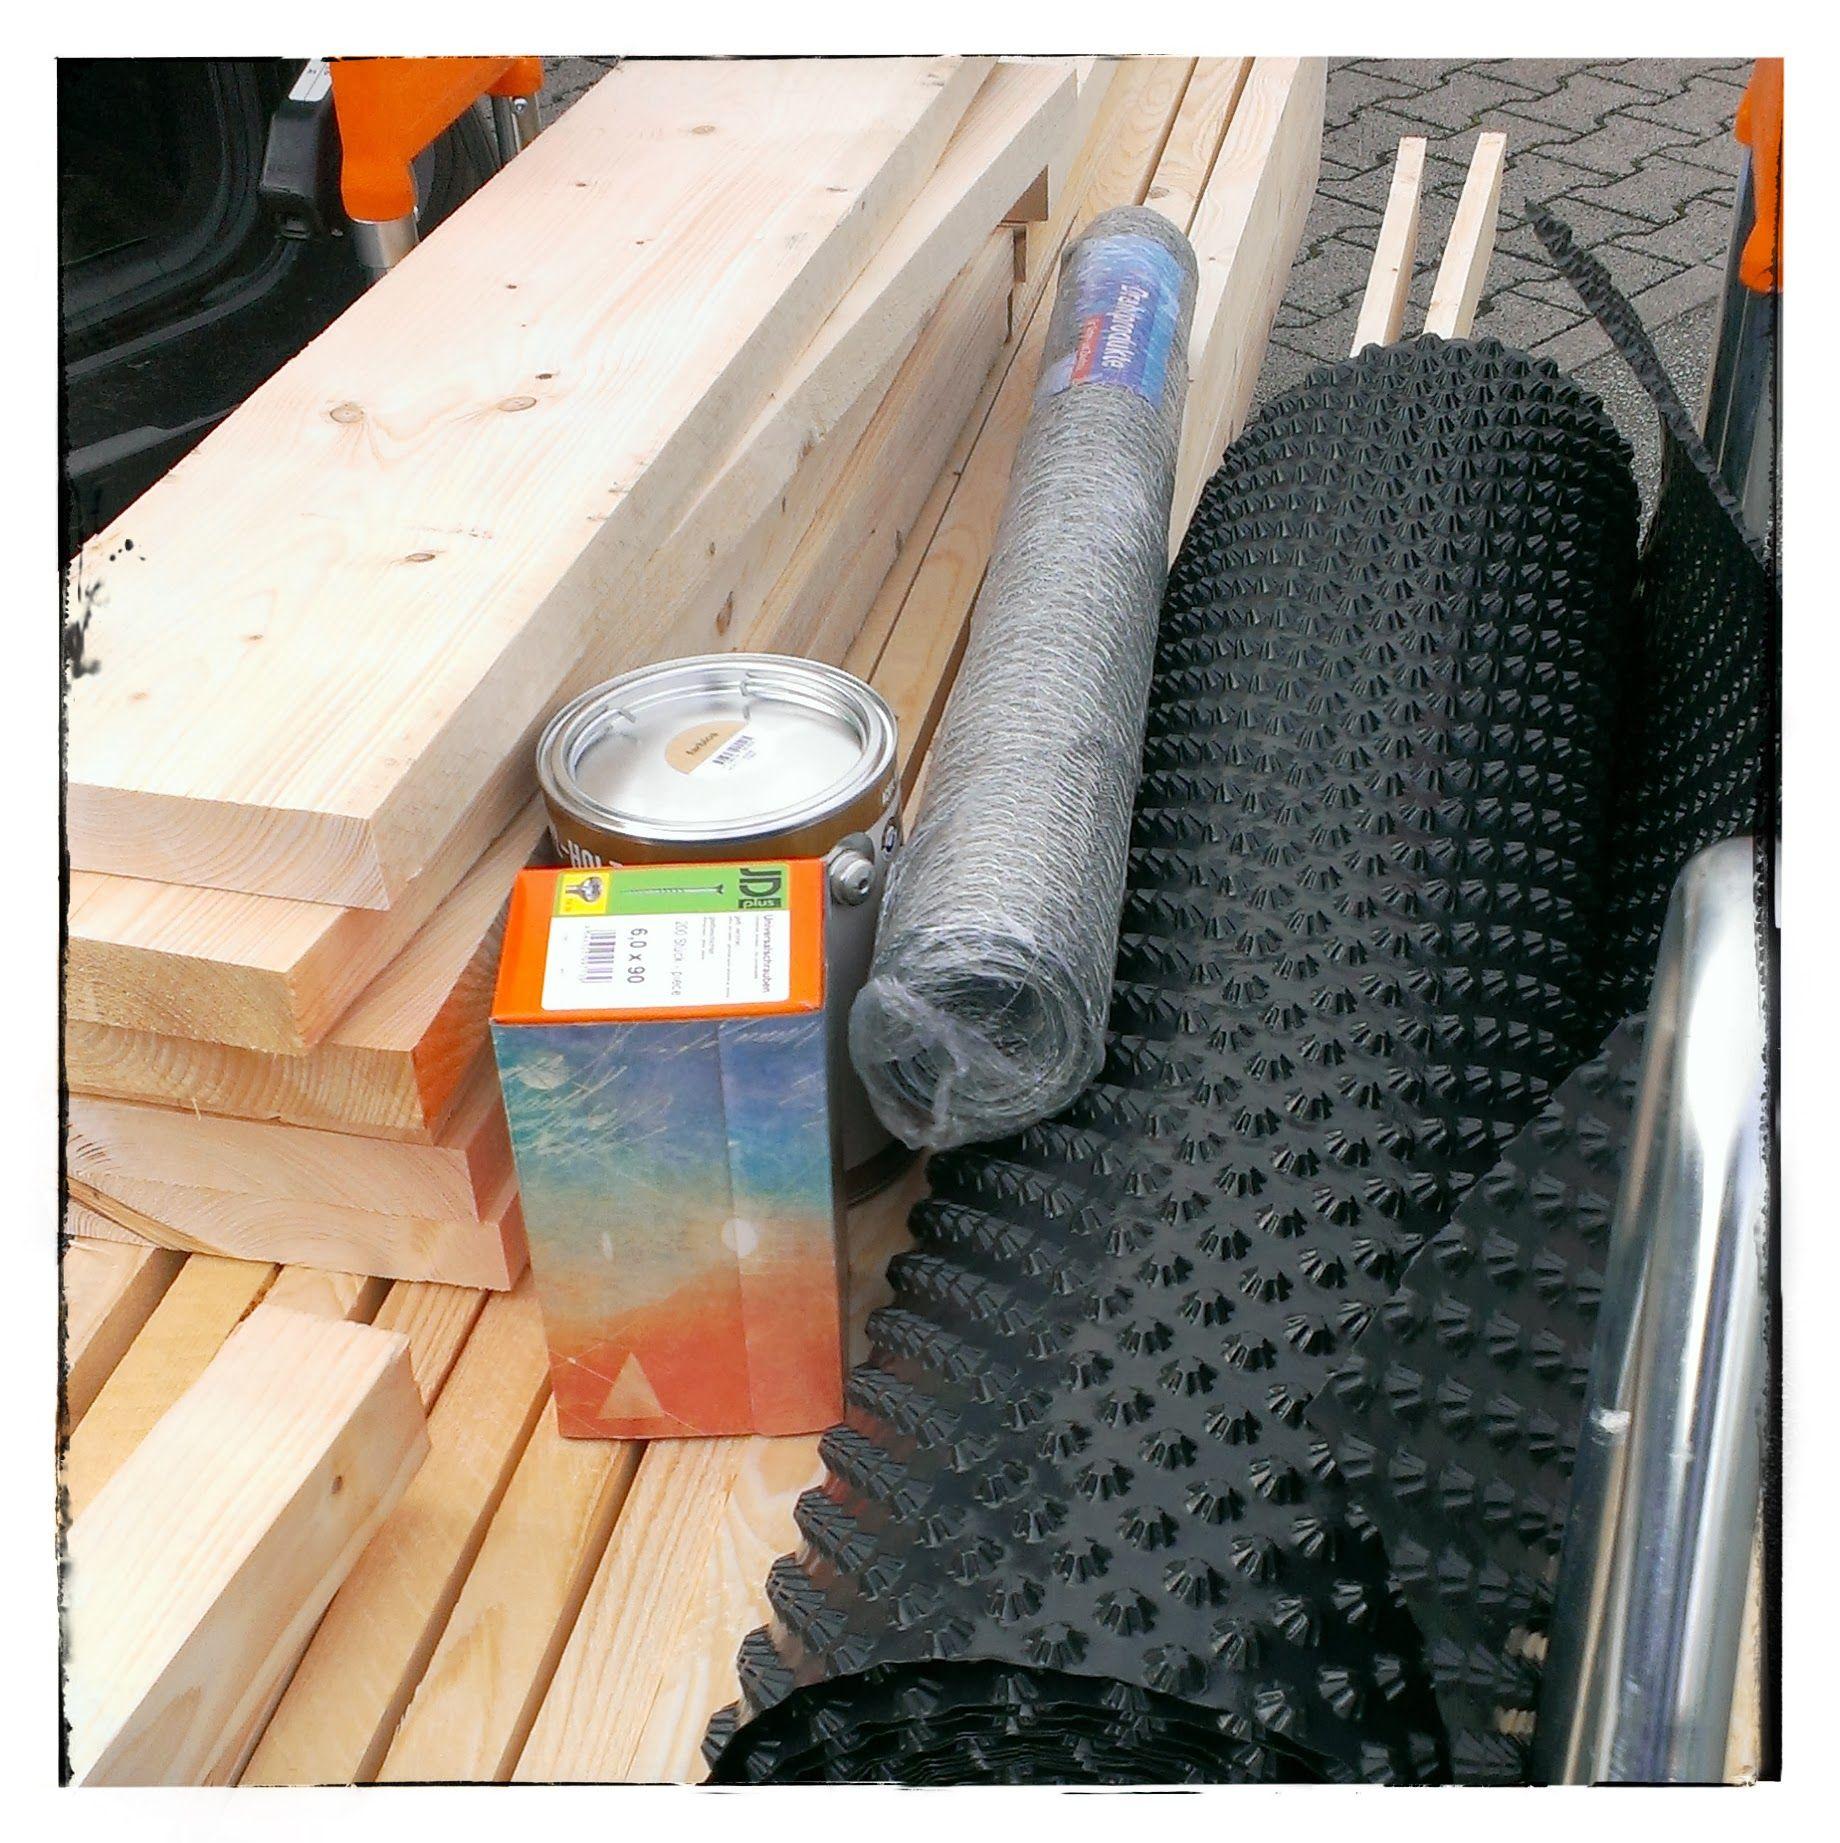 hochbeet selber bauen materialliste hochbeete pinterest garten hochbeet hochbeet und. Black Bedroom Furniture Sets. Home Design Ideas